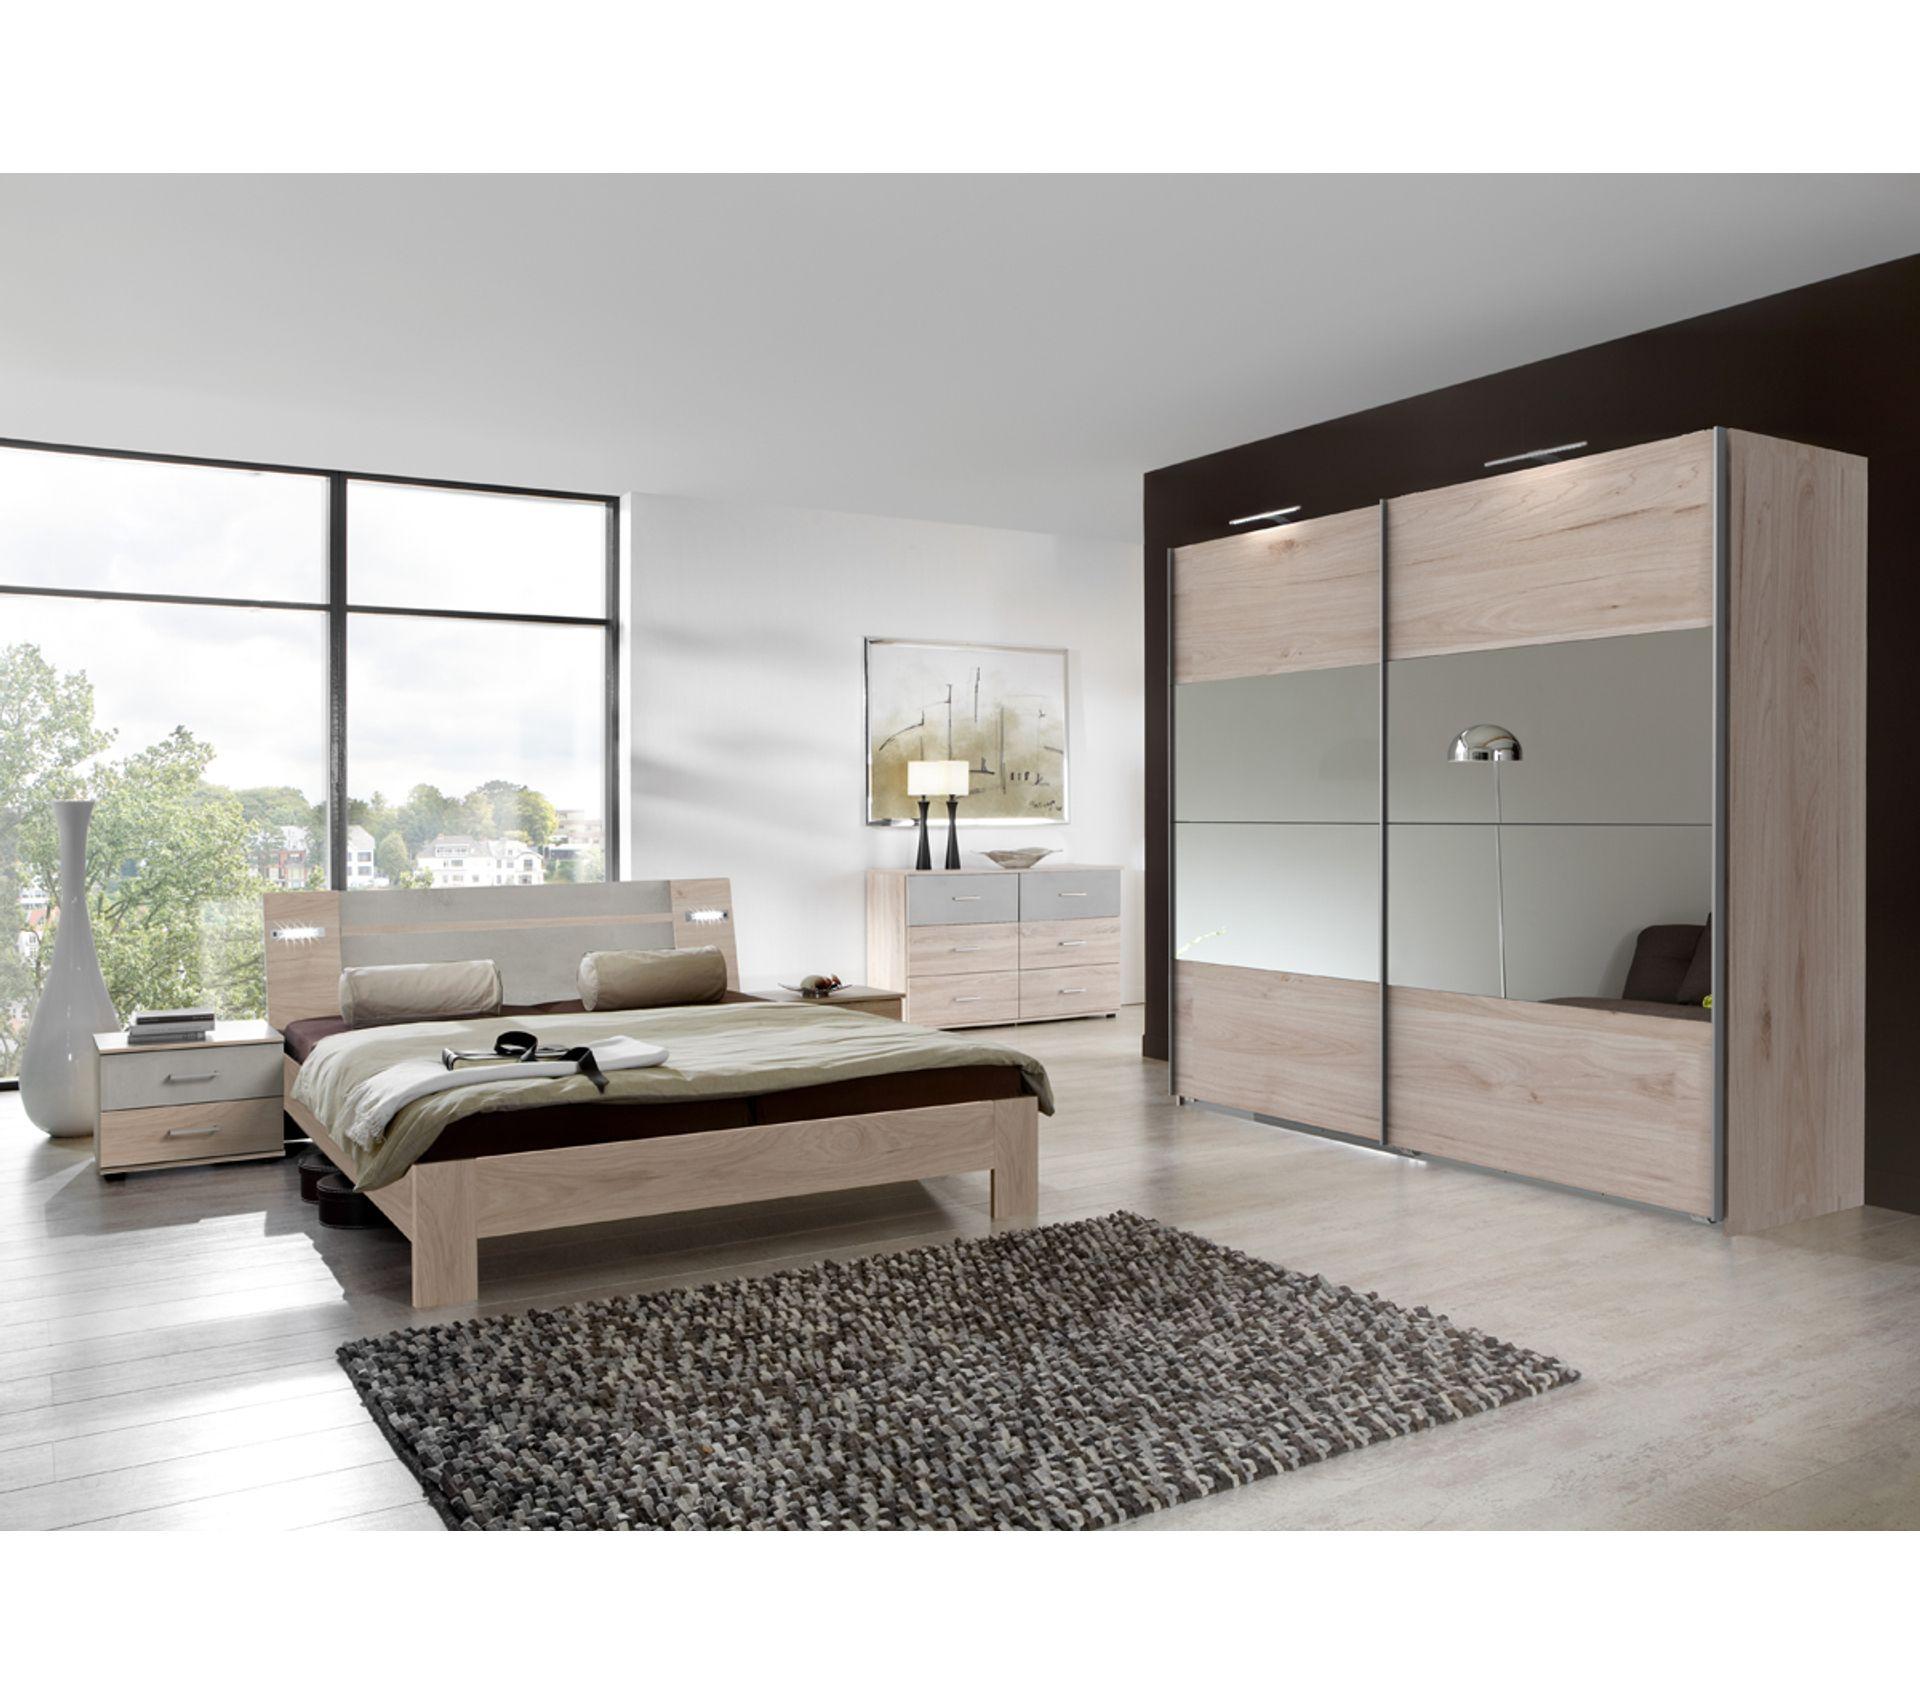 Teinte De Gris Clair chambre adulte complète imitation chêne hickory, rechampis teinte beton  gris clair, 180x200 cm